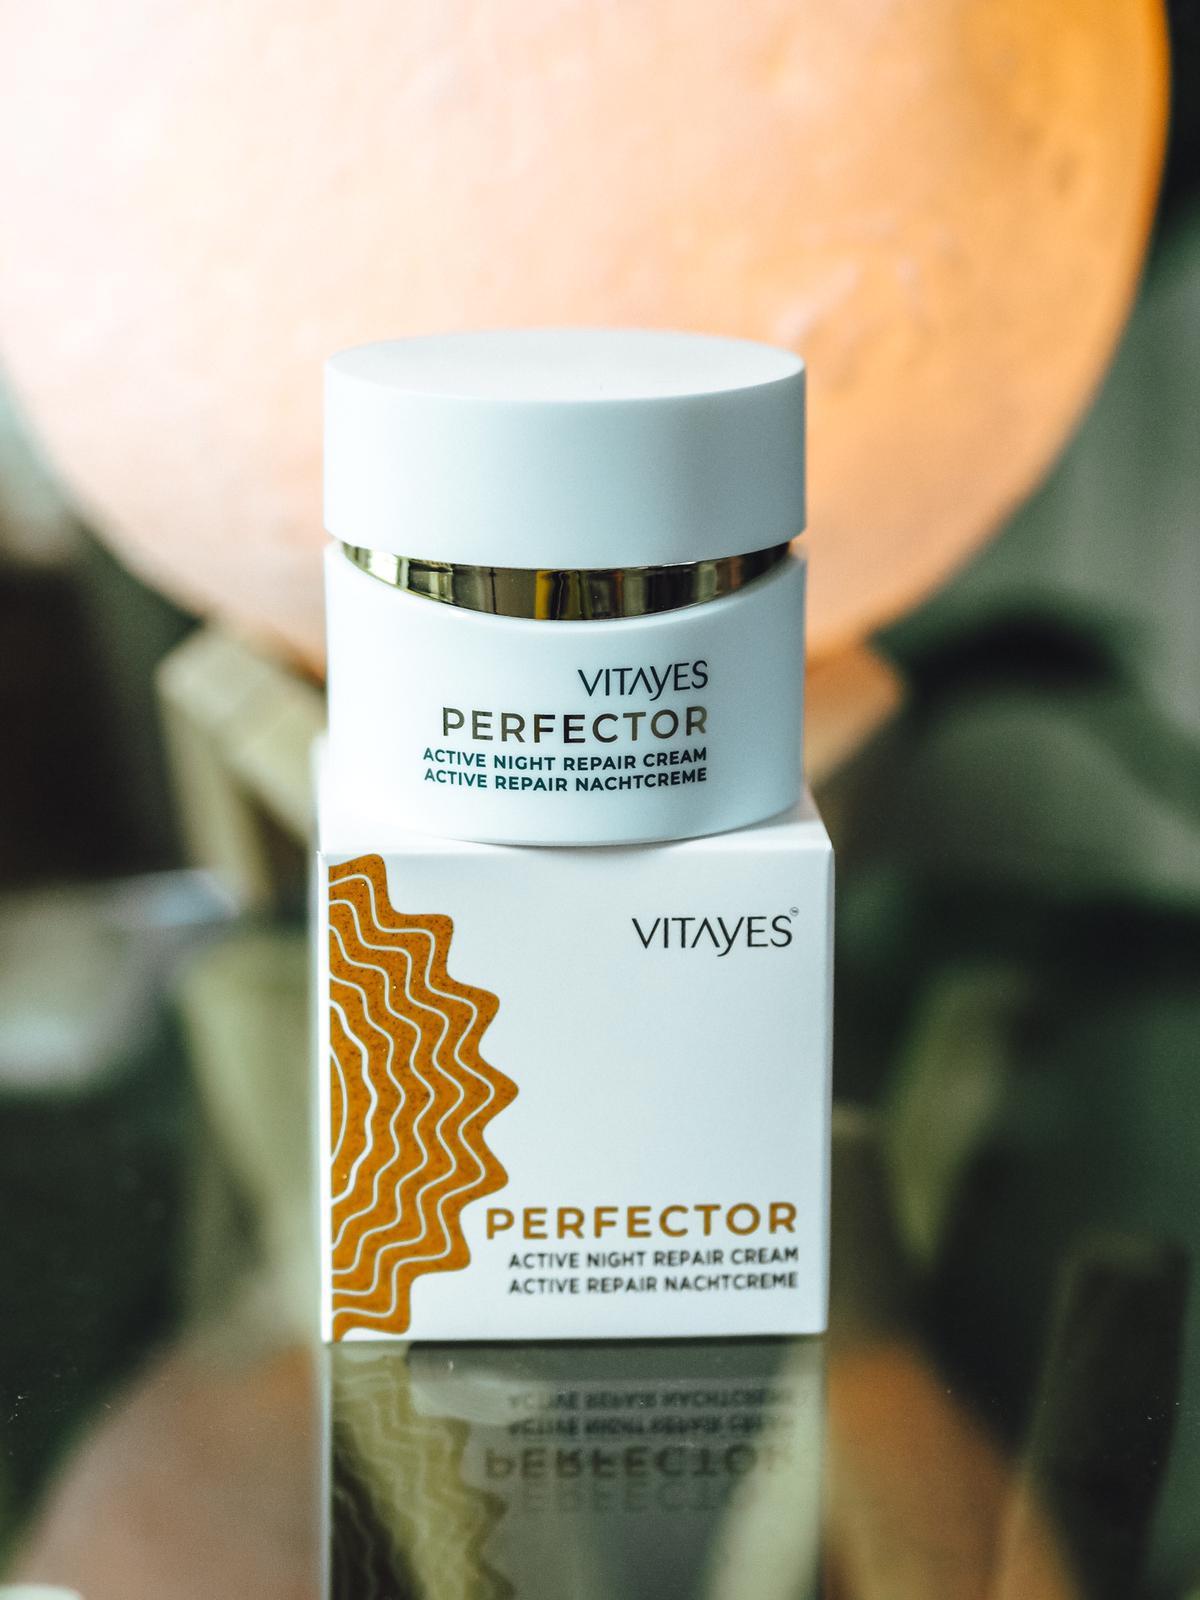 Perfector Hautpflegeserie von Vitayes-Nachtcreme